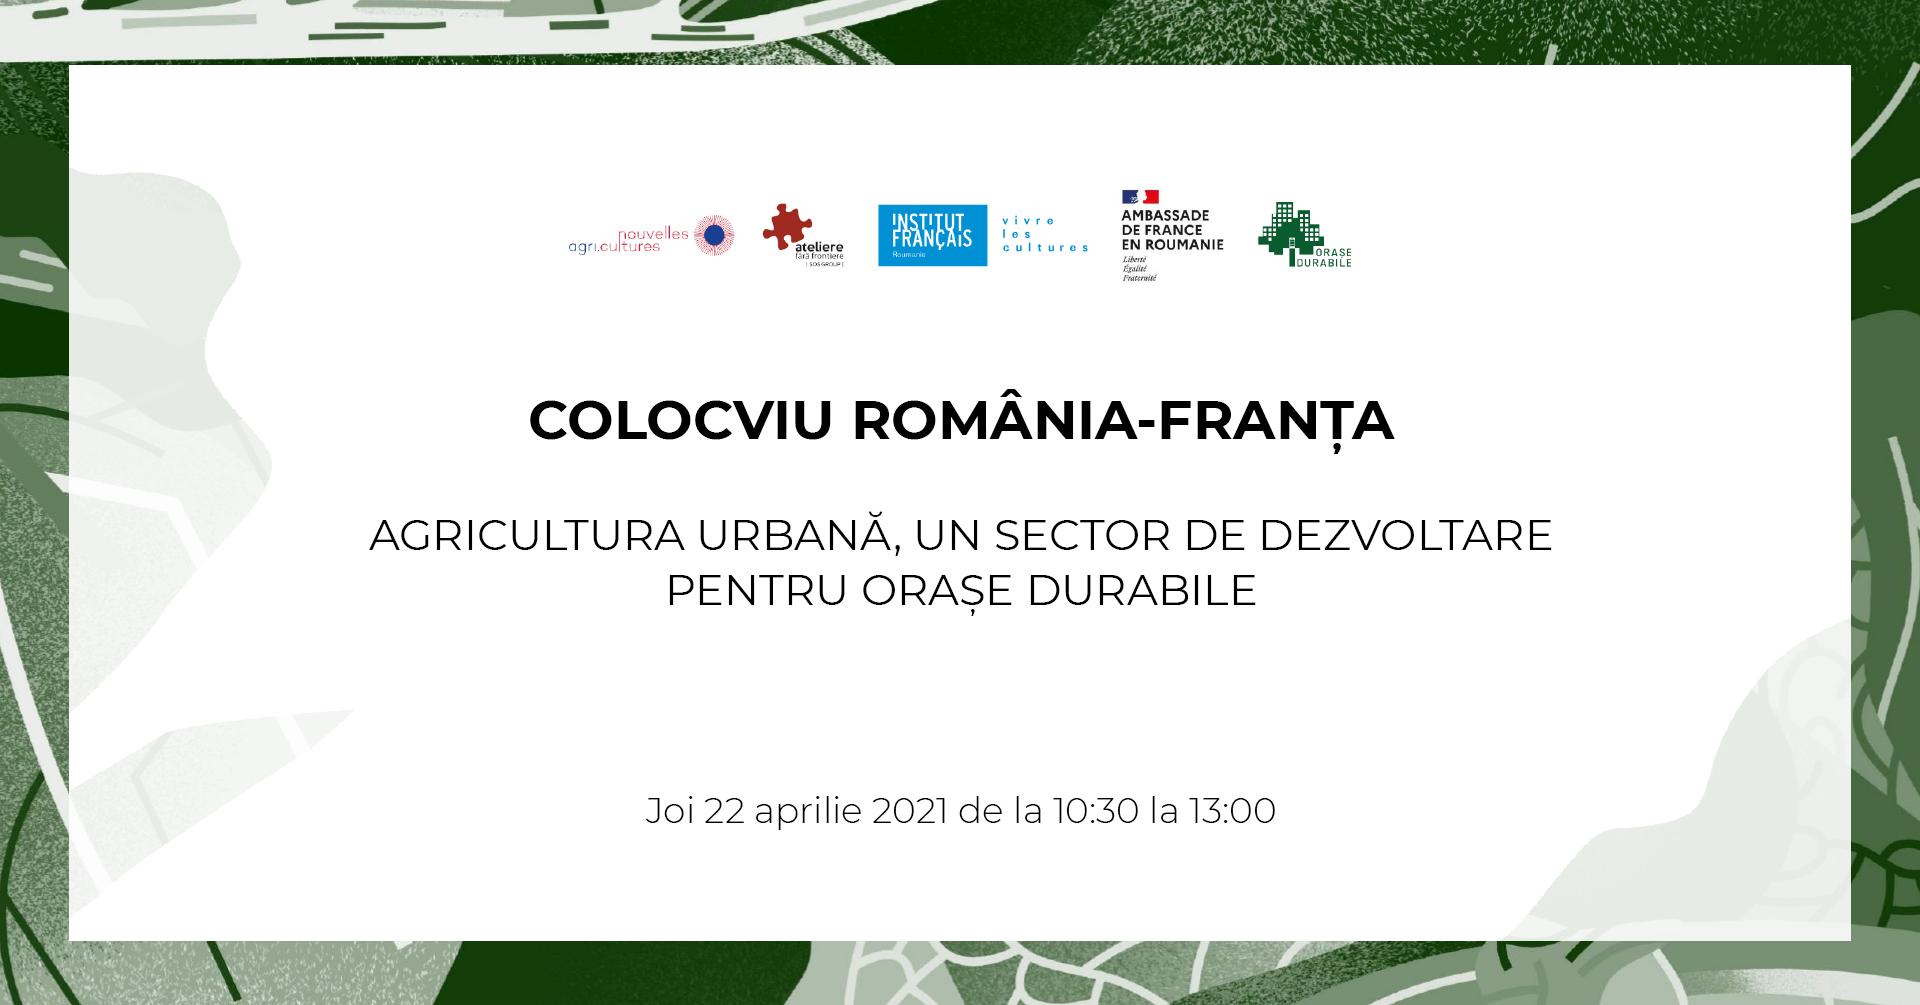 Agricultura urbană din perspectiva națională și internațională, într-o conferință pentru orașe durabile